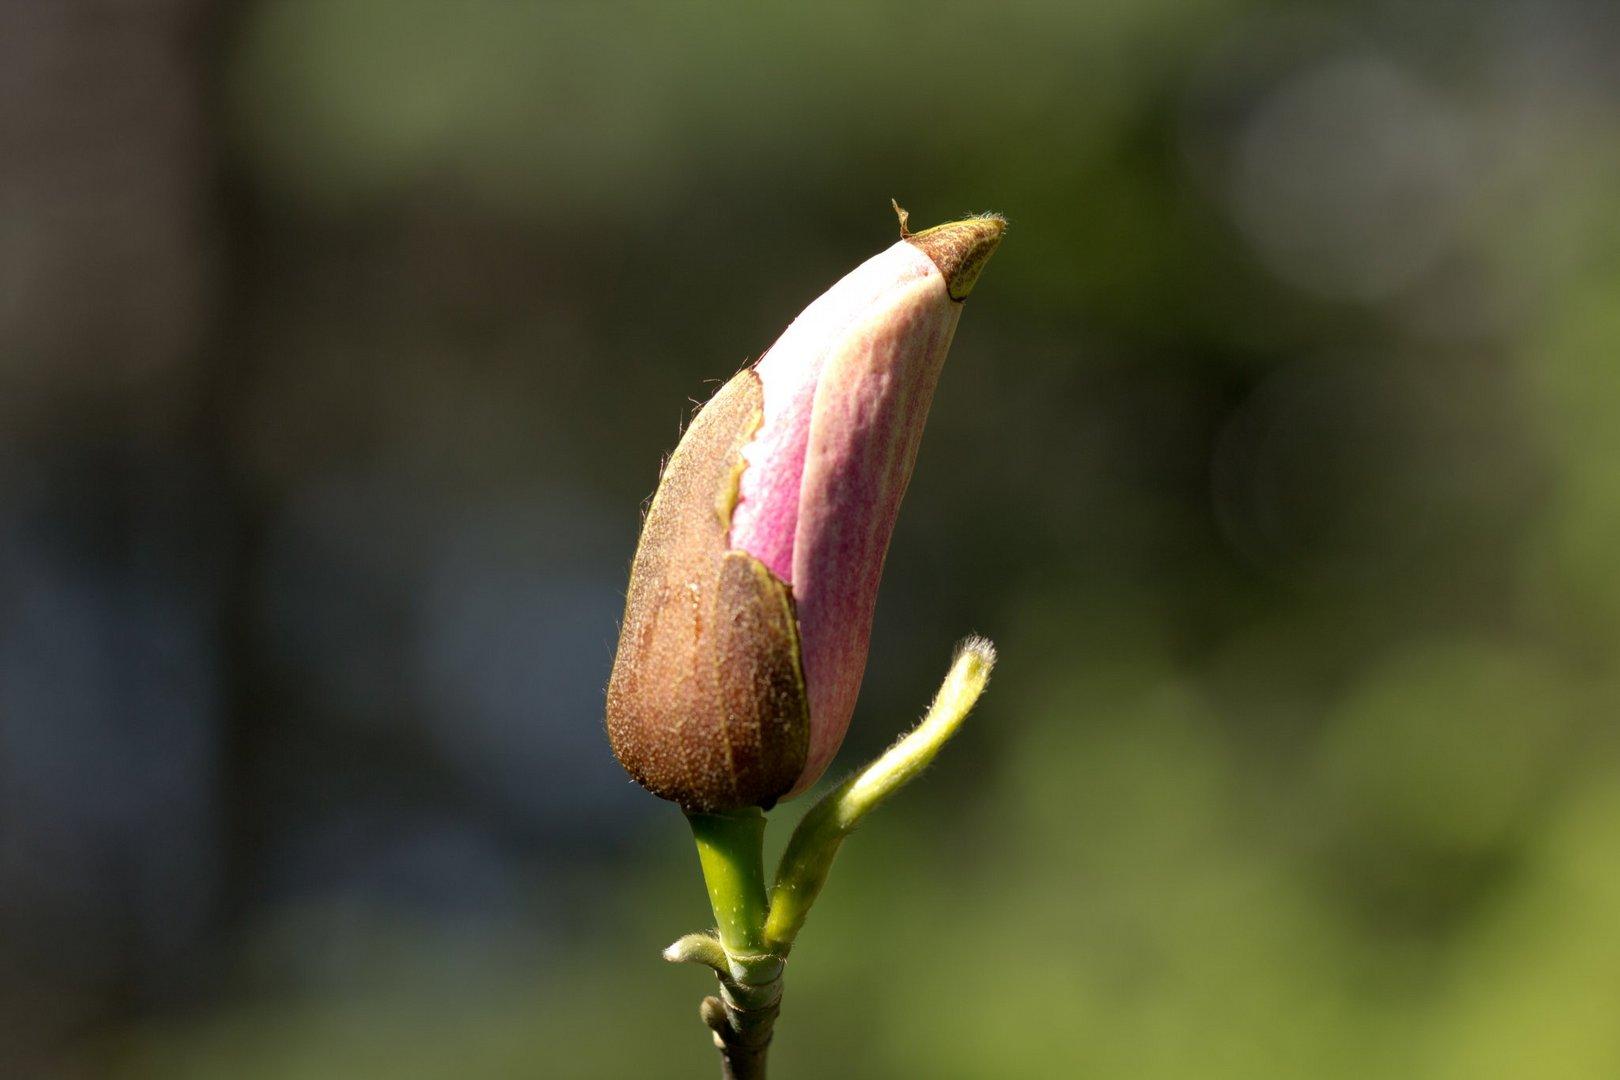 Magnolienblütenknospe vor dem Aufbrechen